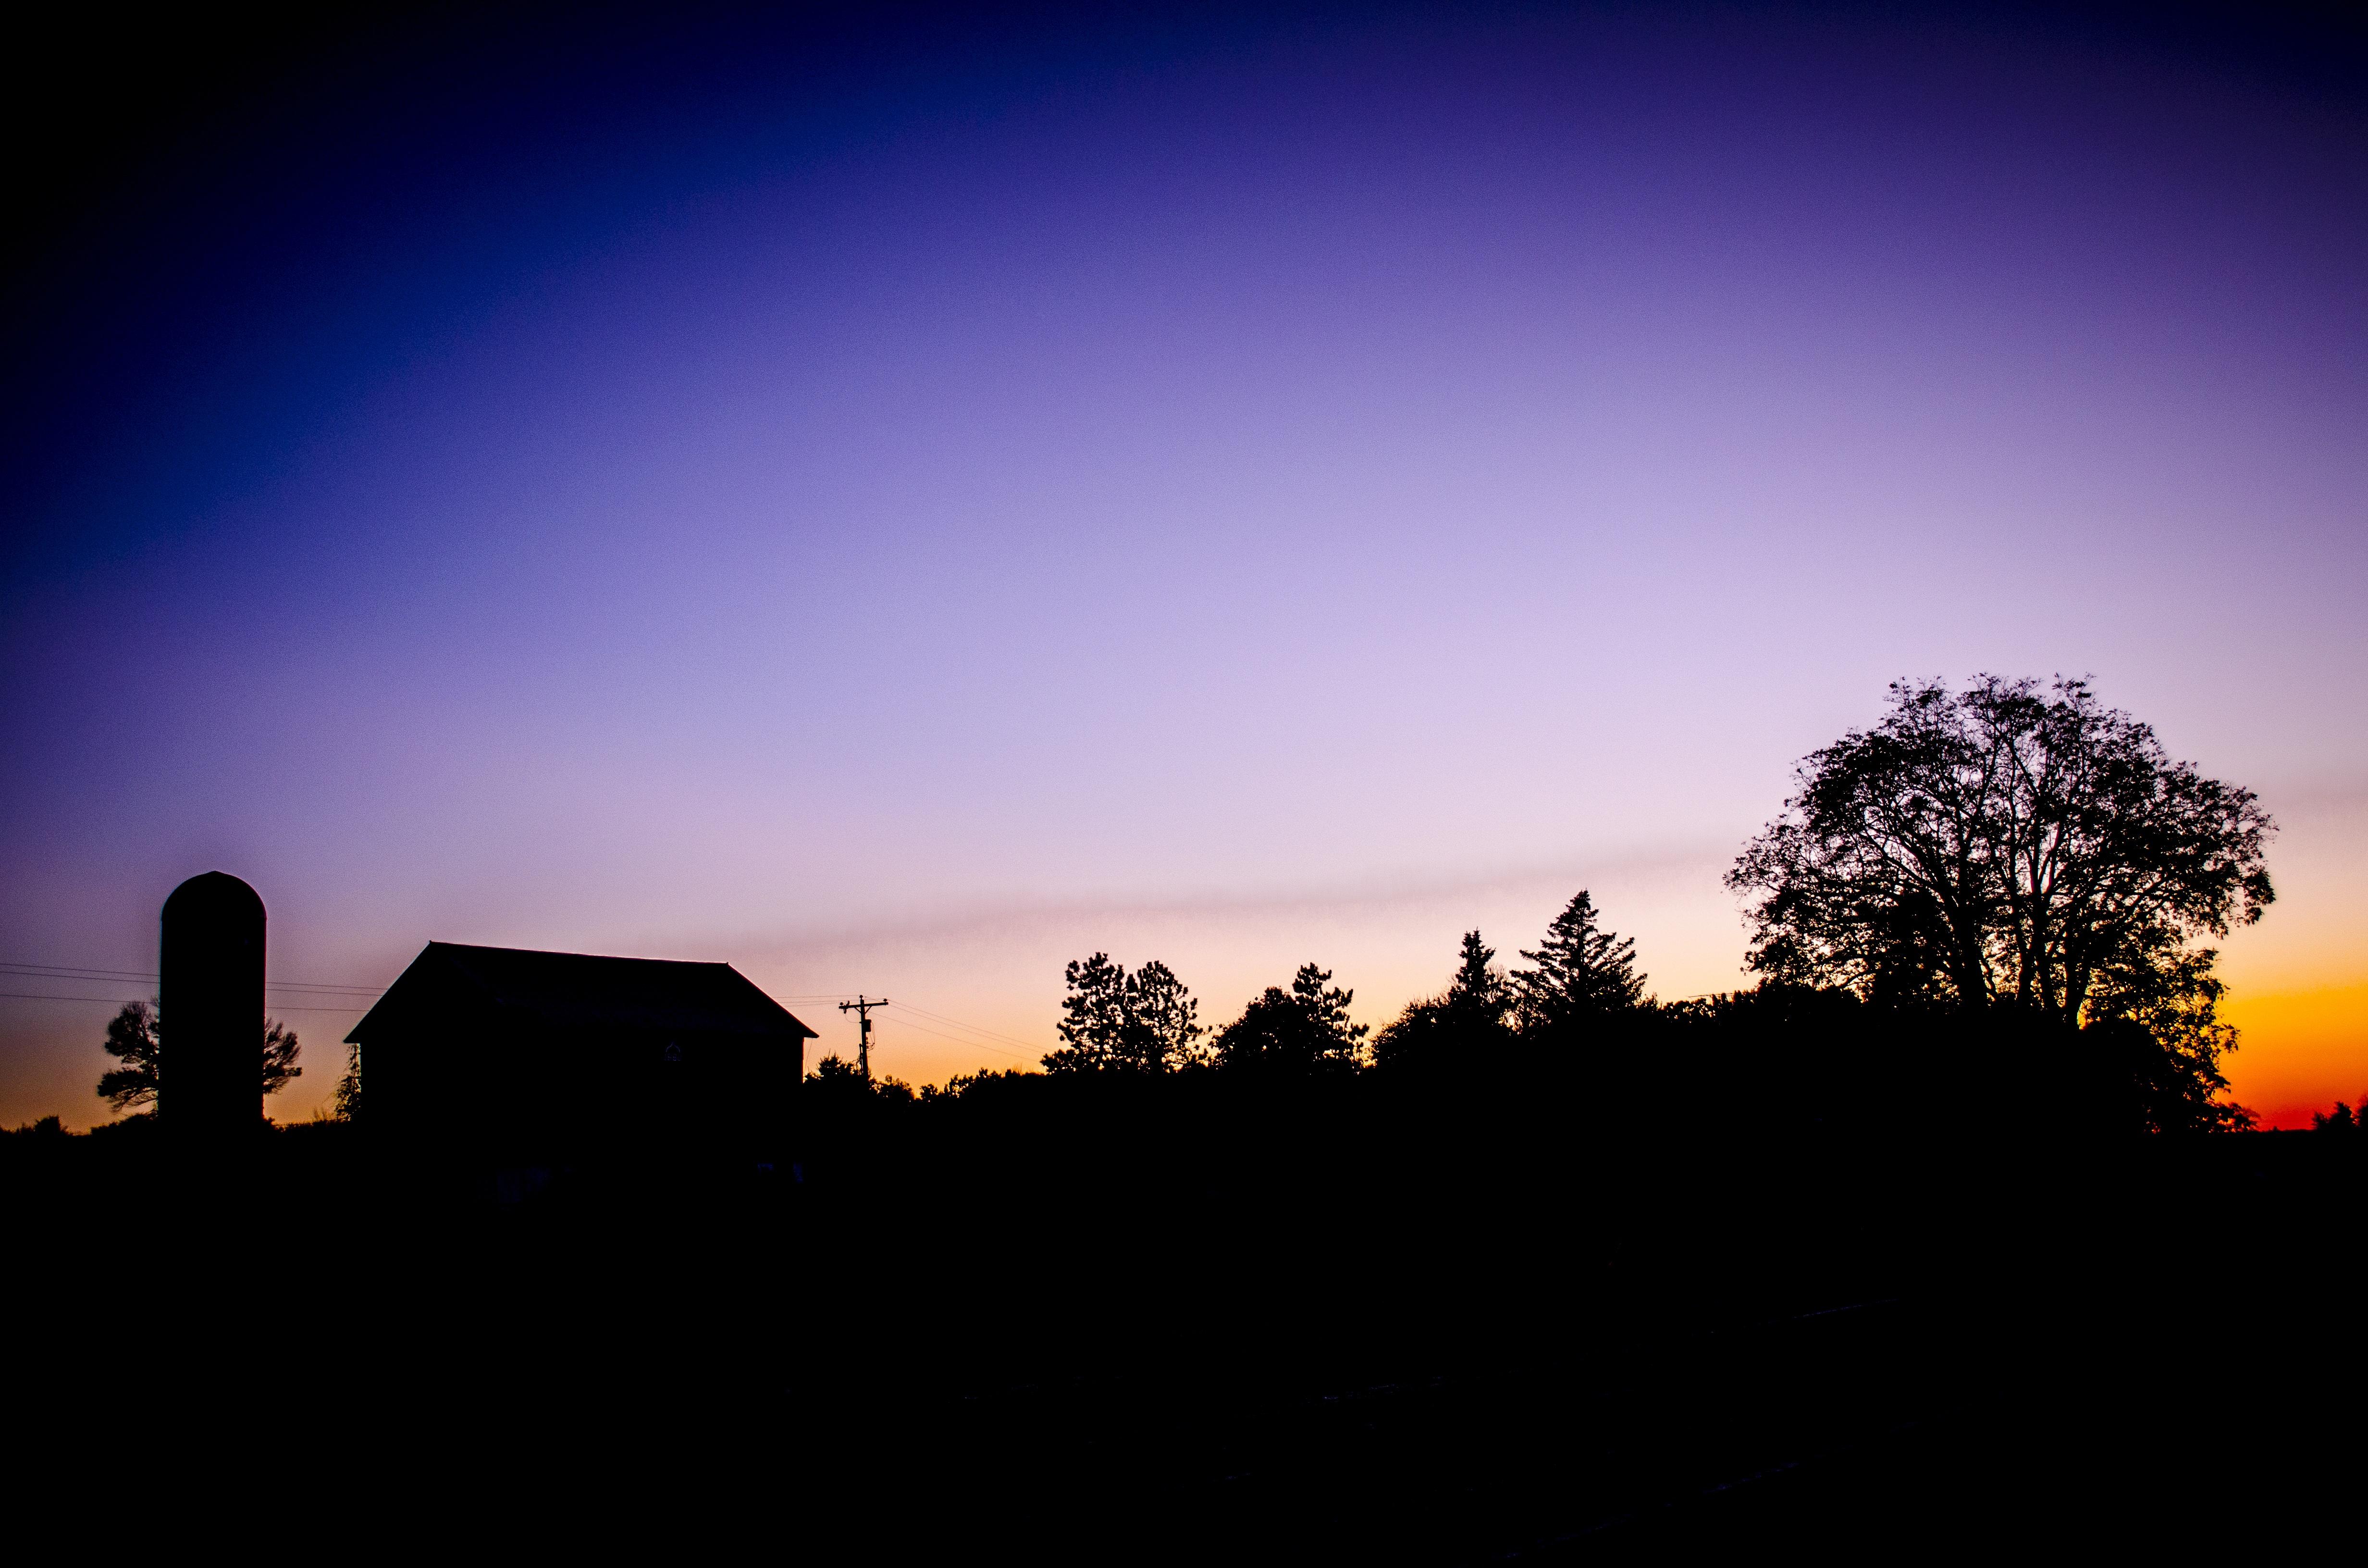 Gambar Pemandangan Pohon Alam Horison Bayangan Hitam Cahaya